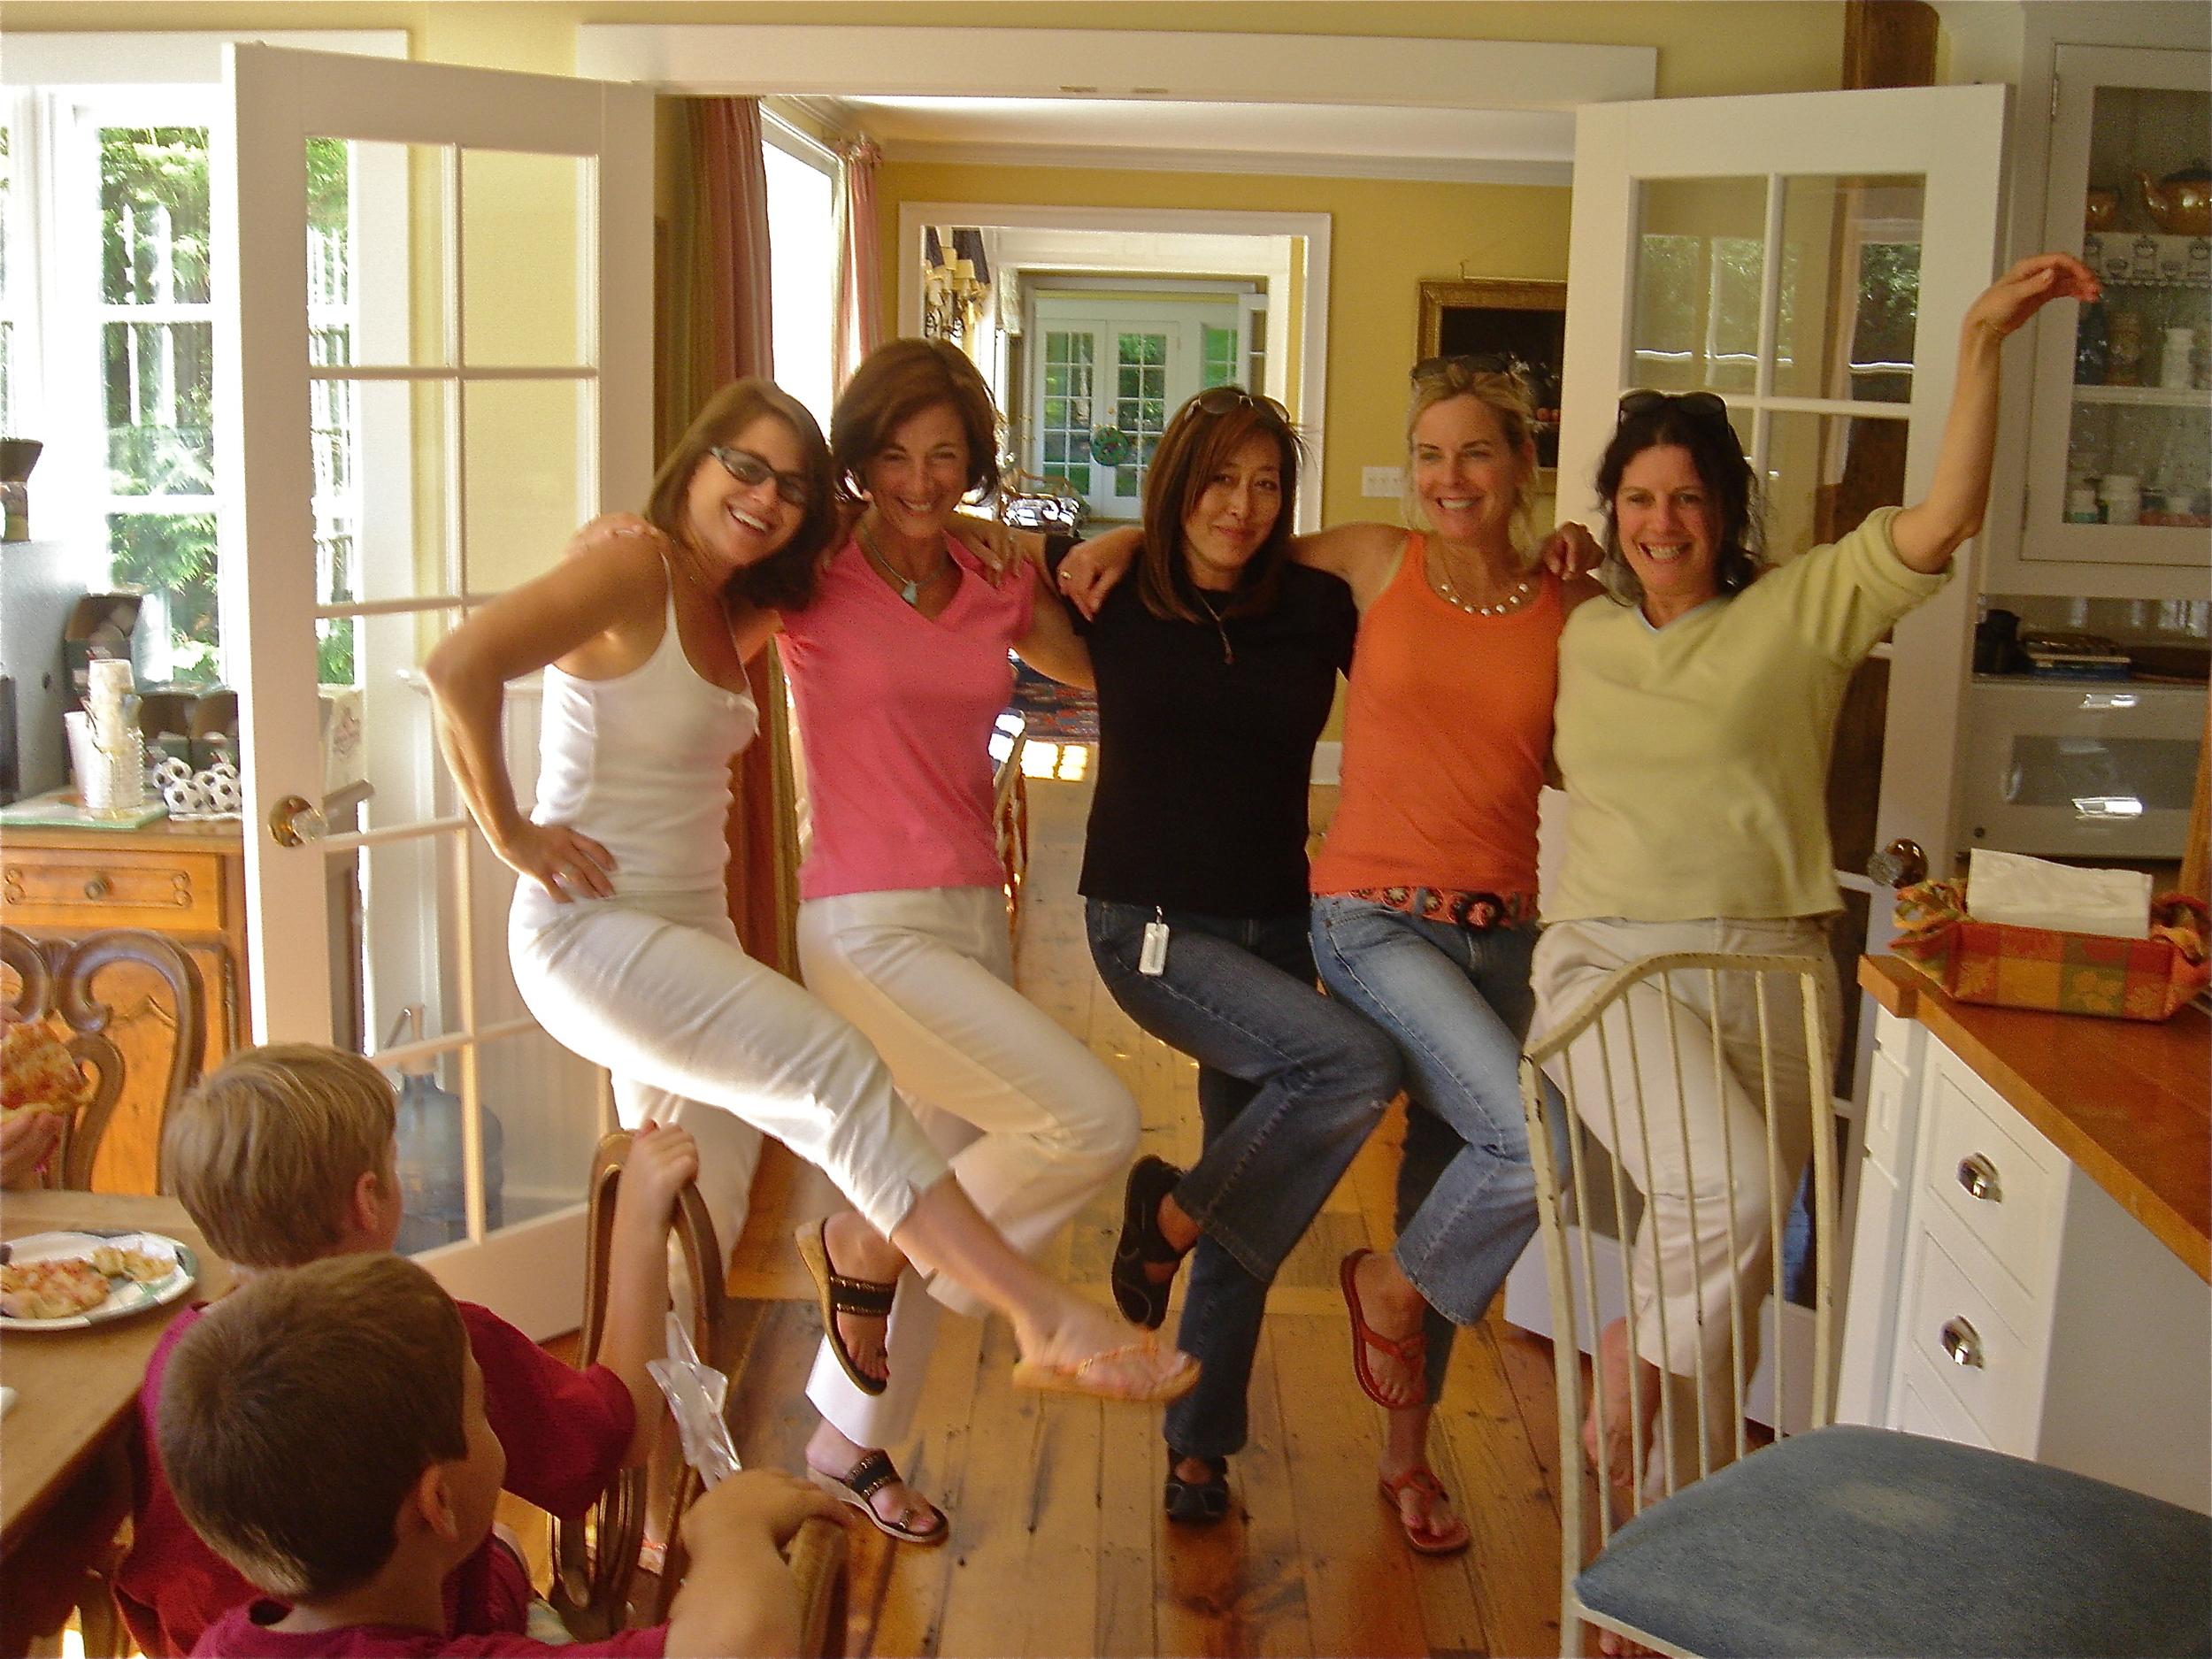 Mr. Caddell's Fab Five Doing the Fan dingo